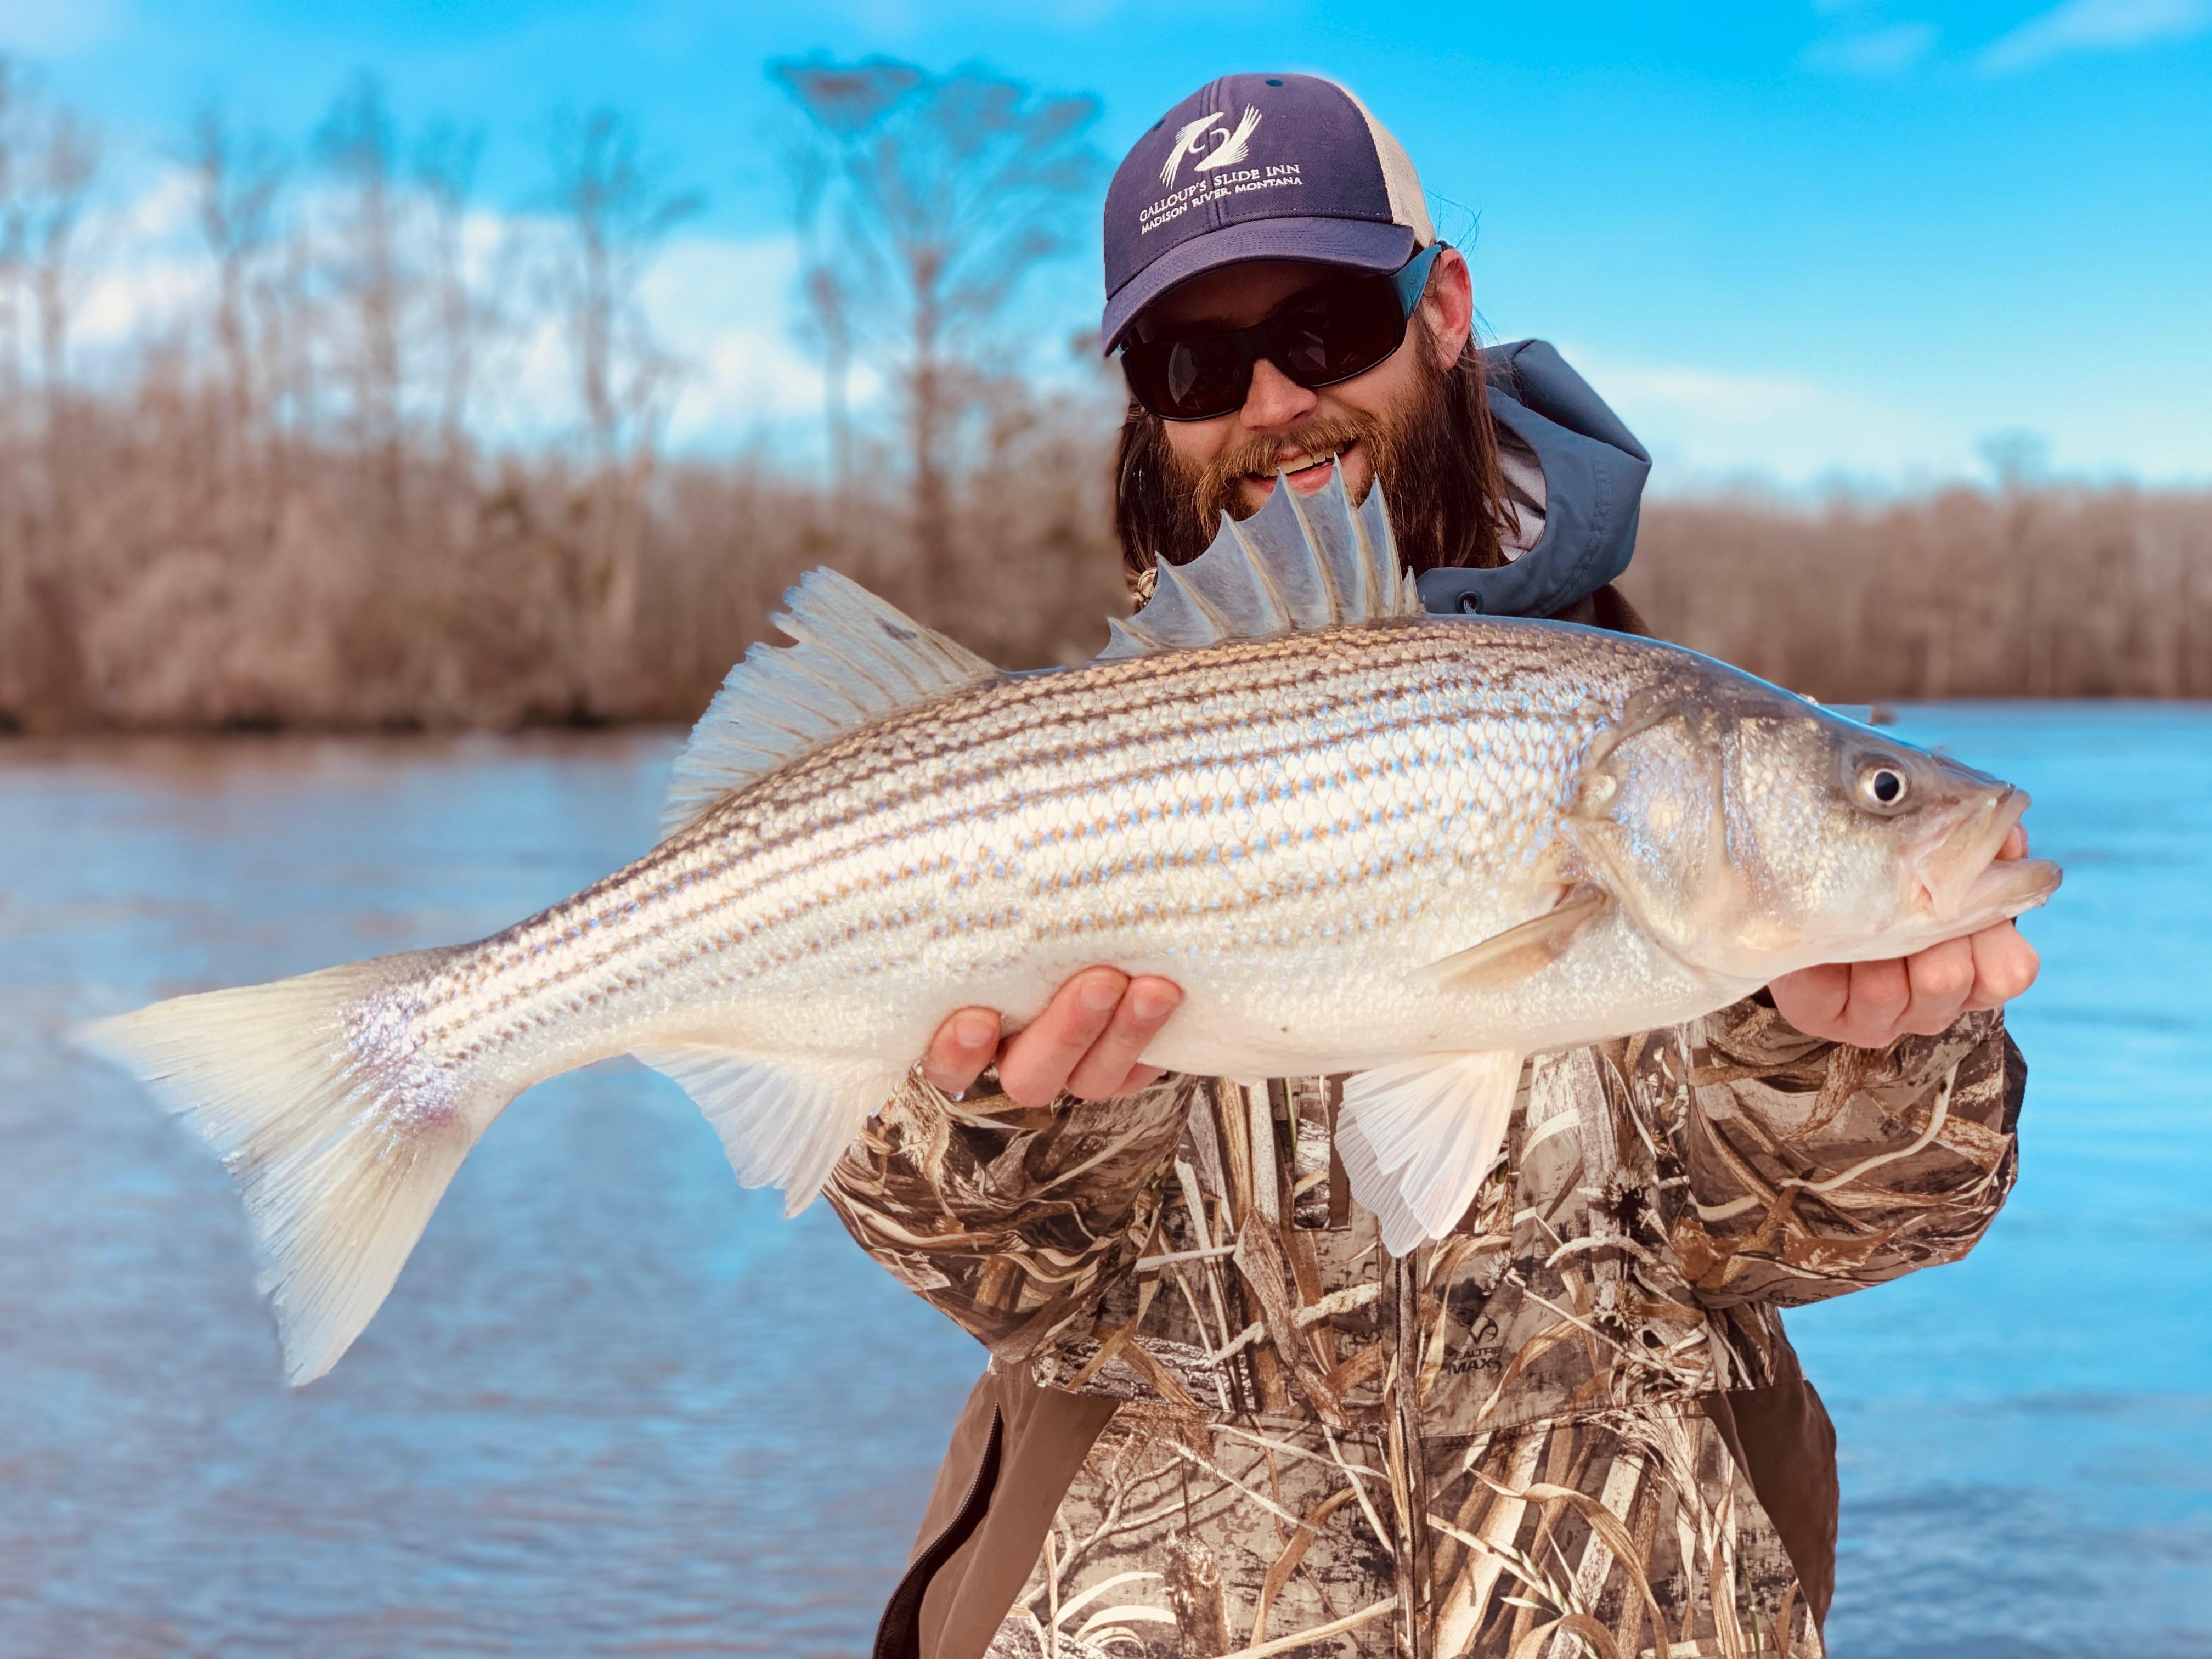 Winter Striped Bass